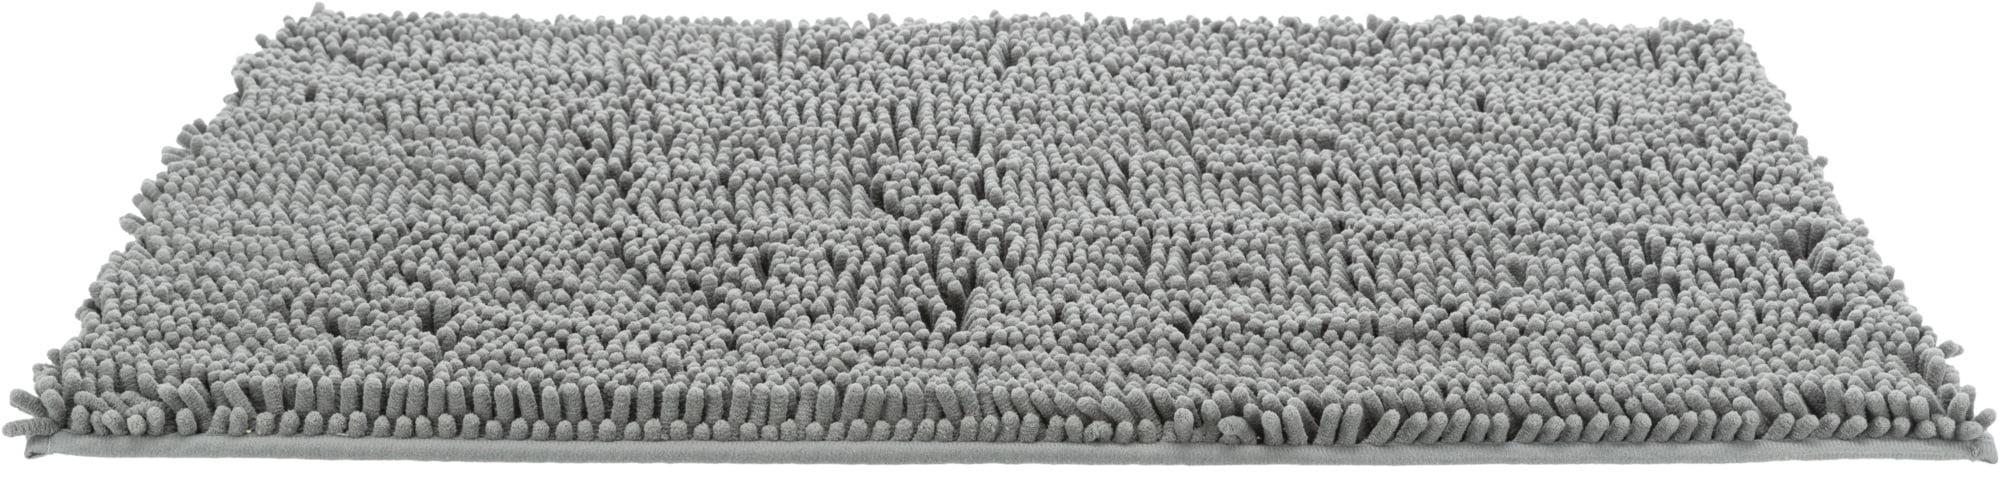 Trixie Schoonloopmat, 100 x 70 cm, grijs